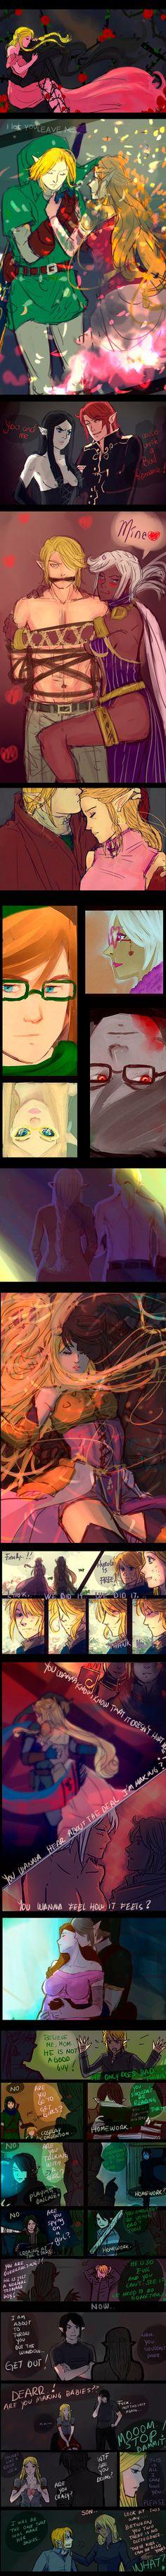 +(- The legend of Zelda doodles [11] -)+ by AngelJasiel